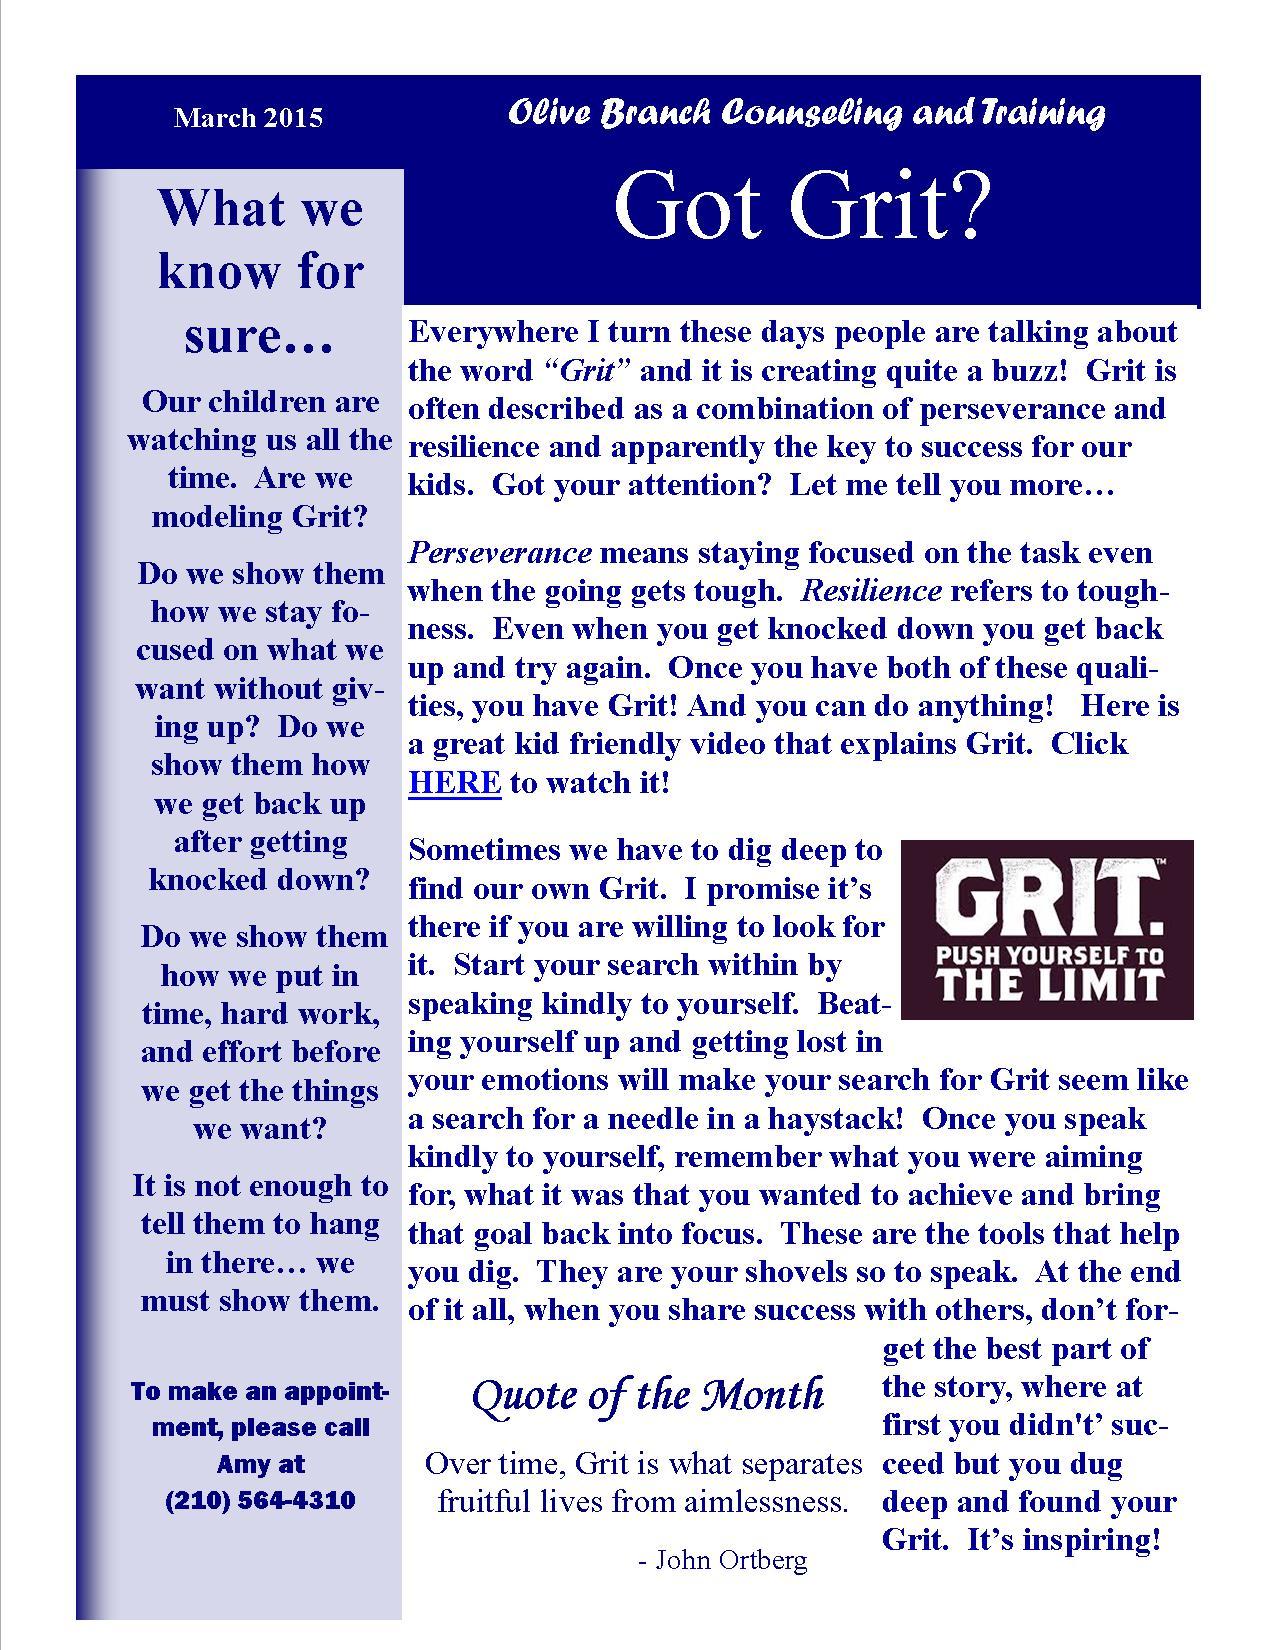 March 2015 Newsletter jpeg